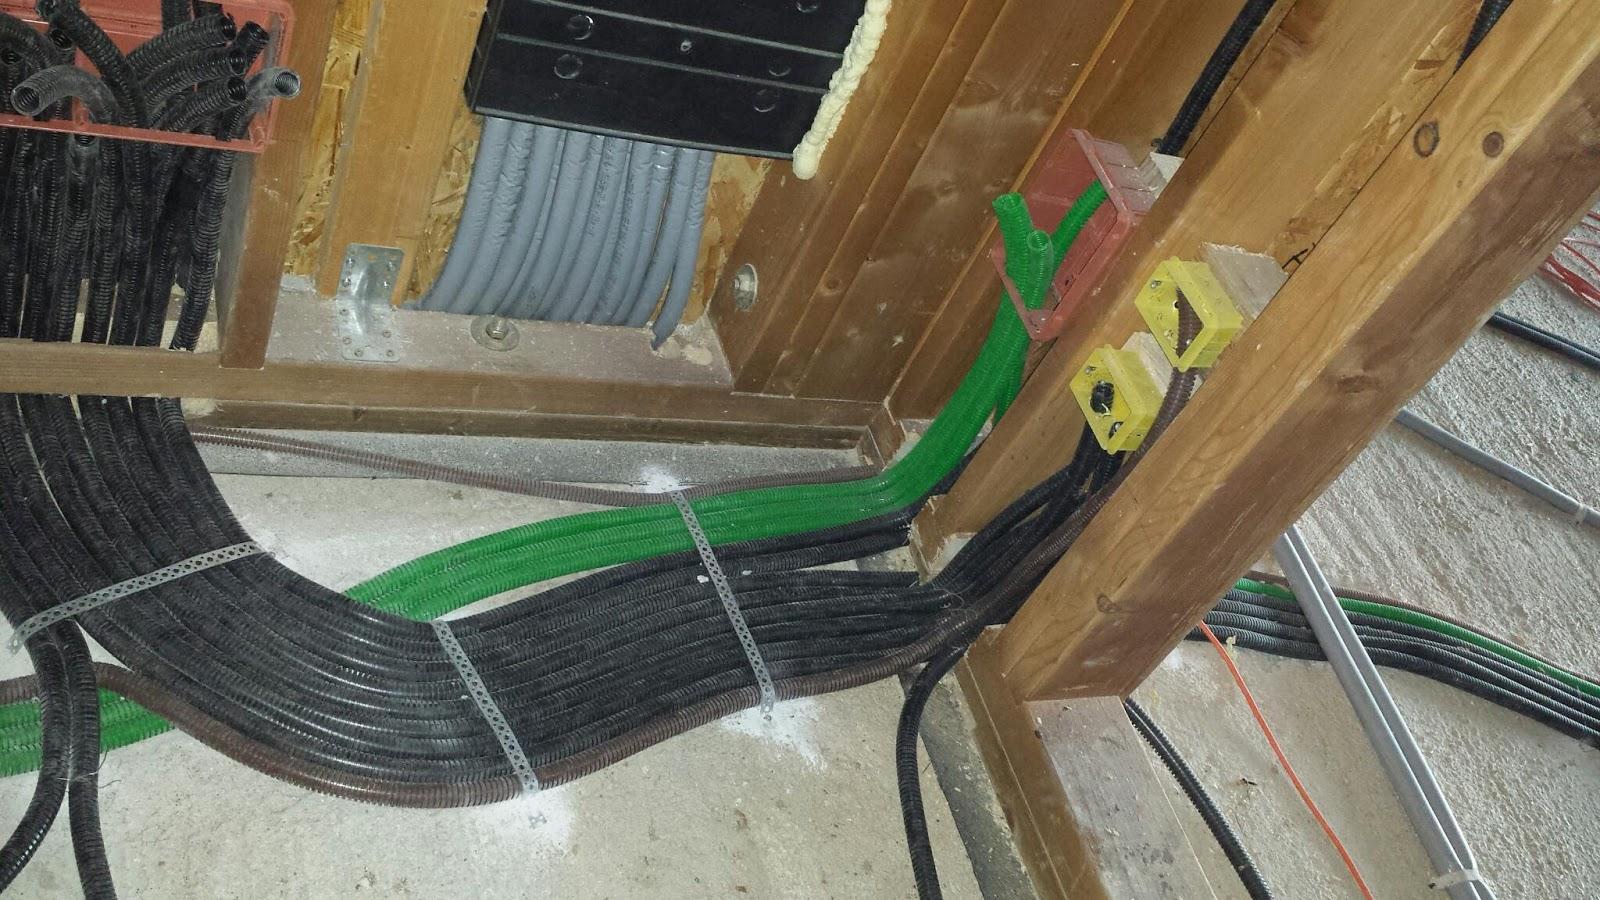 Quanti cavi elettrici in corrugato - Colori cavi elettrici casa ...